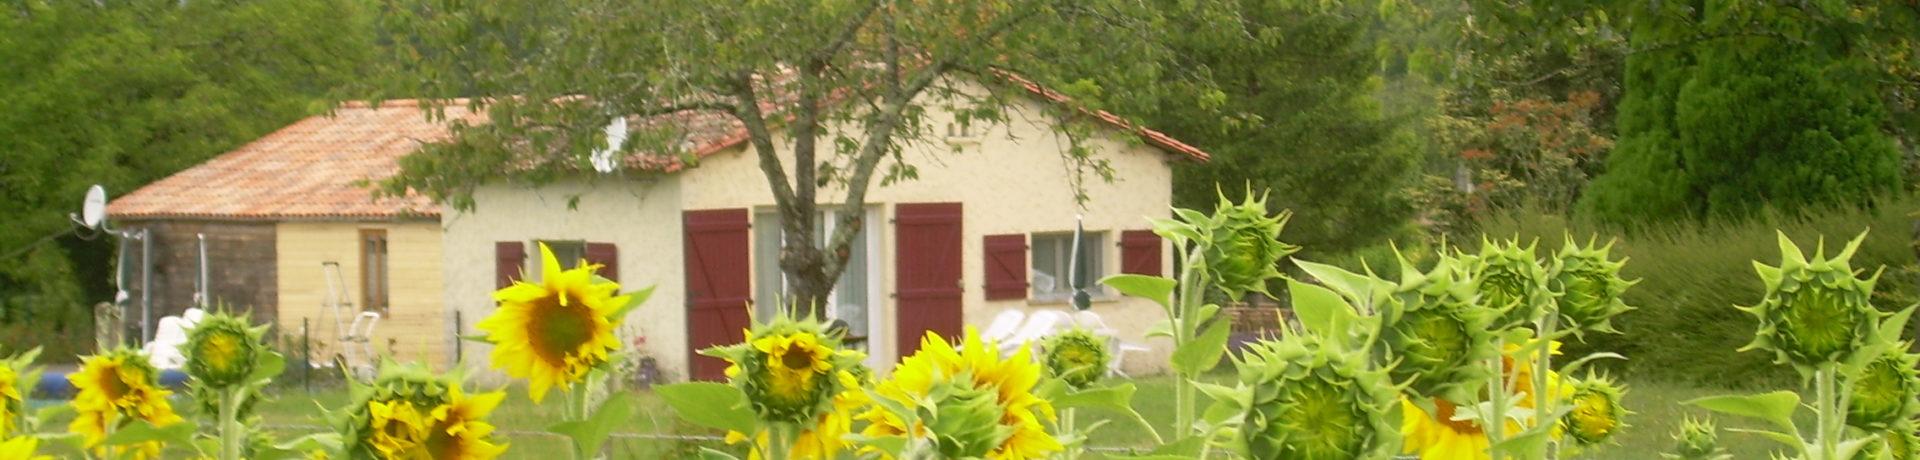 Camping Chez Philipaud in de Charente is een fijne kleine natuurcamping op het platteland in Lamérac in de regio Nouvelle-Aquitaine met 6 toerplaatsen en 1 ingerichte tent.